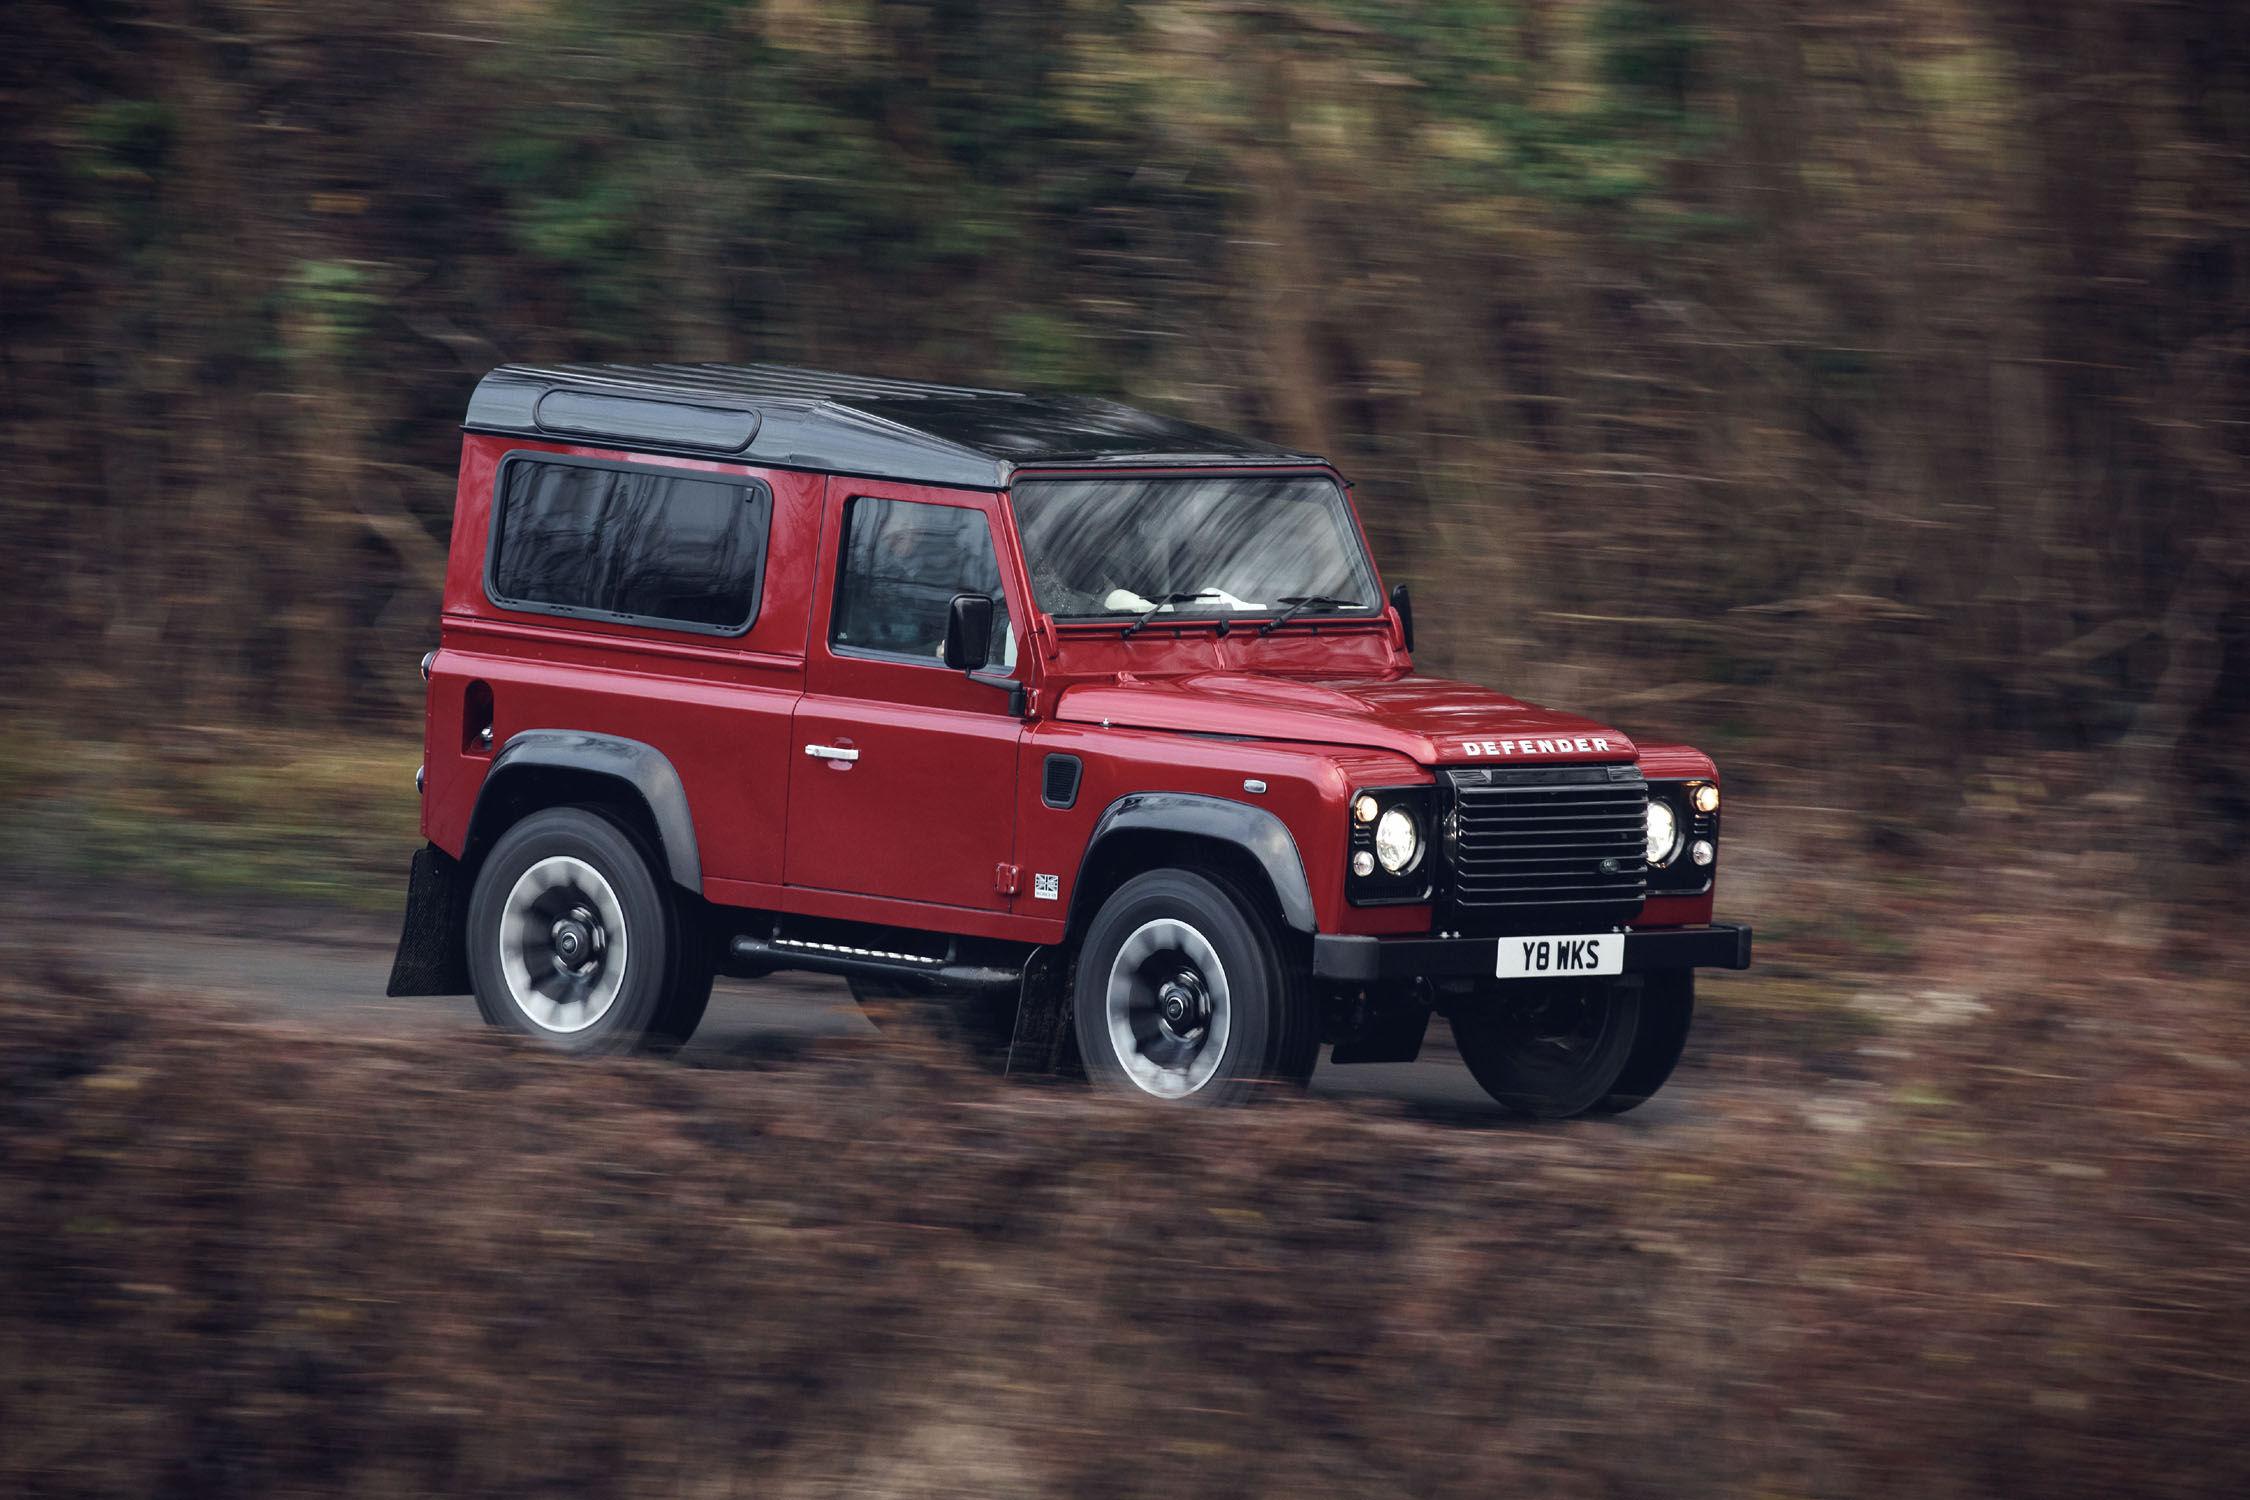 nouveau land rover defender works v8 actualit automobile motorlegend. Black Bedroom Furniture Sets. Home Design Ideas